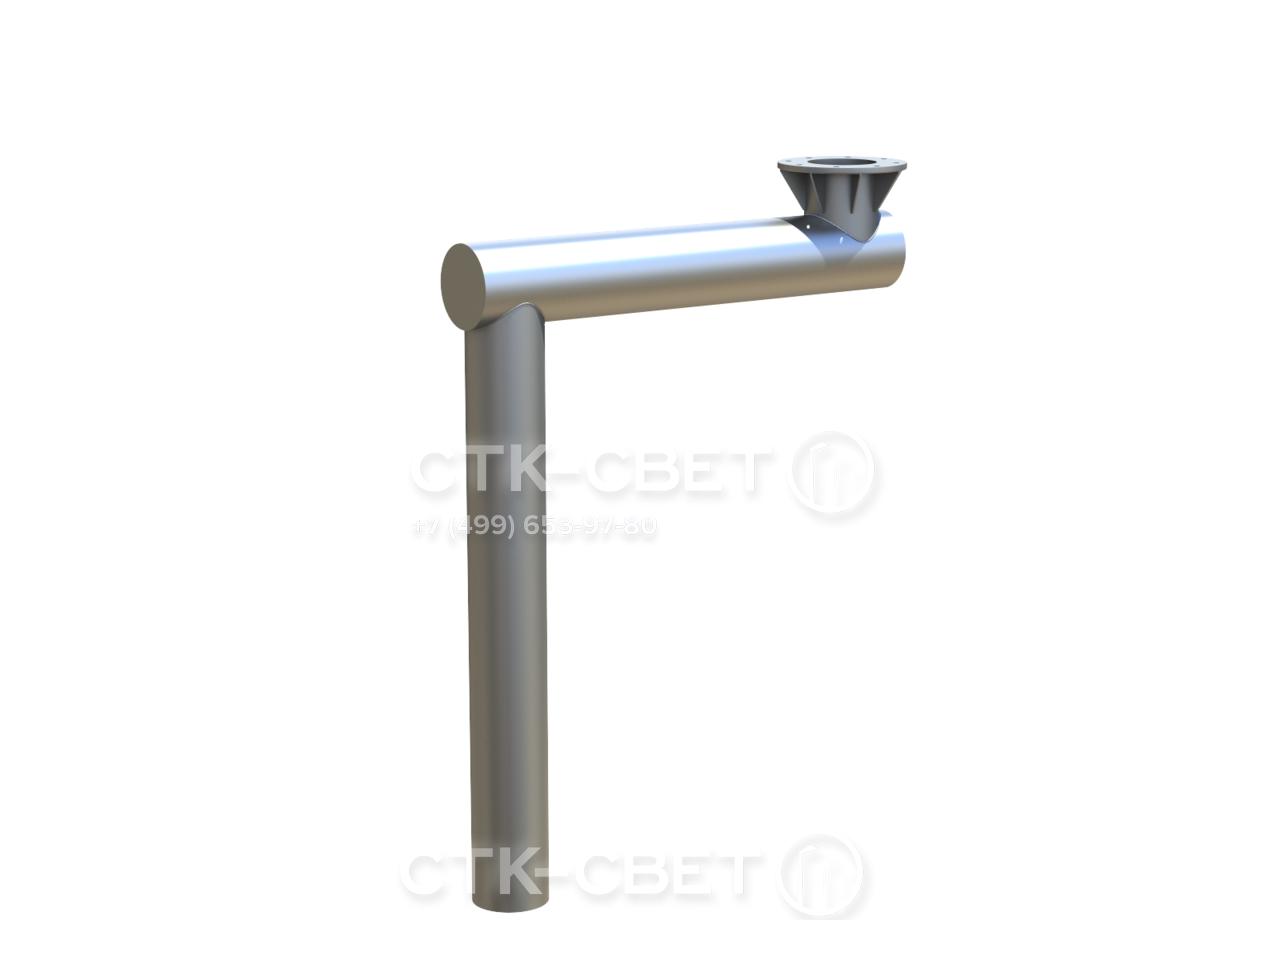 На фото представлен вариант консоли с одним фланцем. В этом случае с противоположной стороны установлен трубчатый элемент, который играет роль закладной детали фундамента. Отдельно ЗДФ приобретать не нужно.